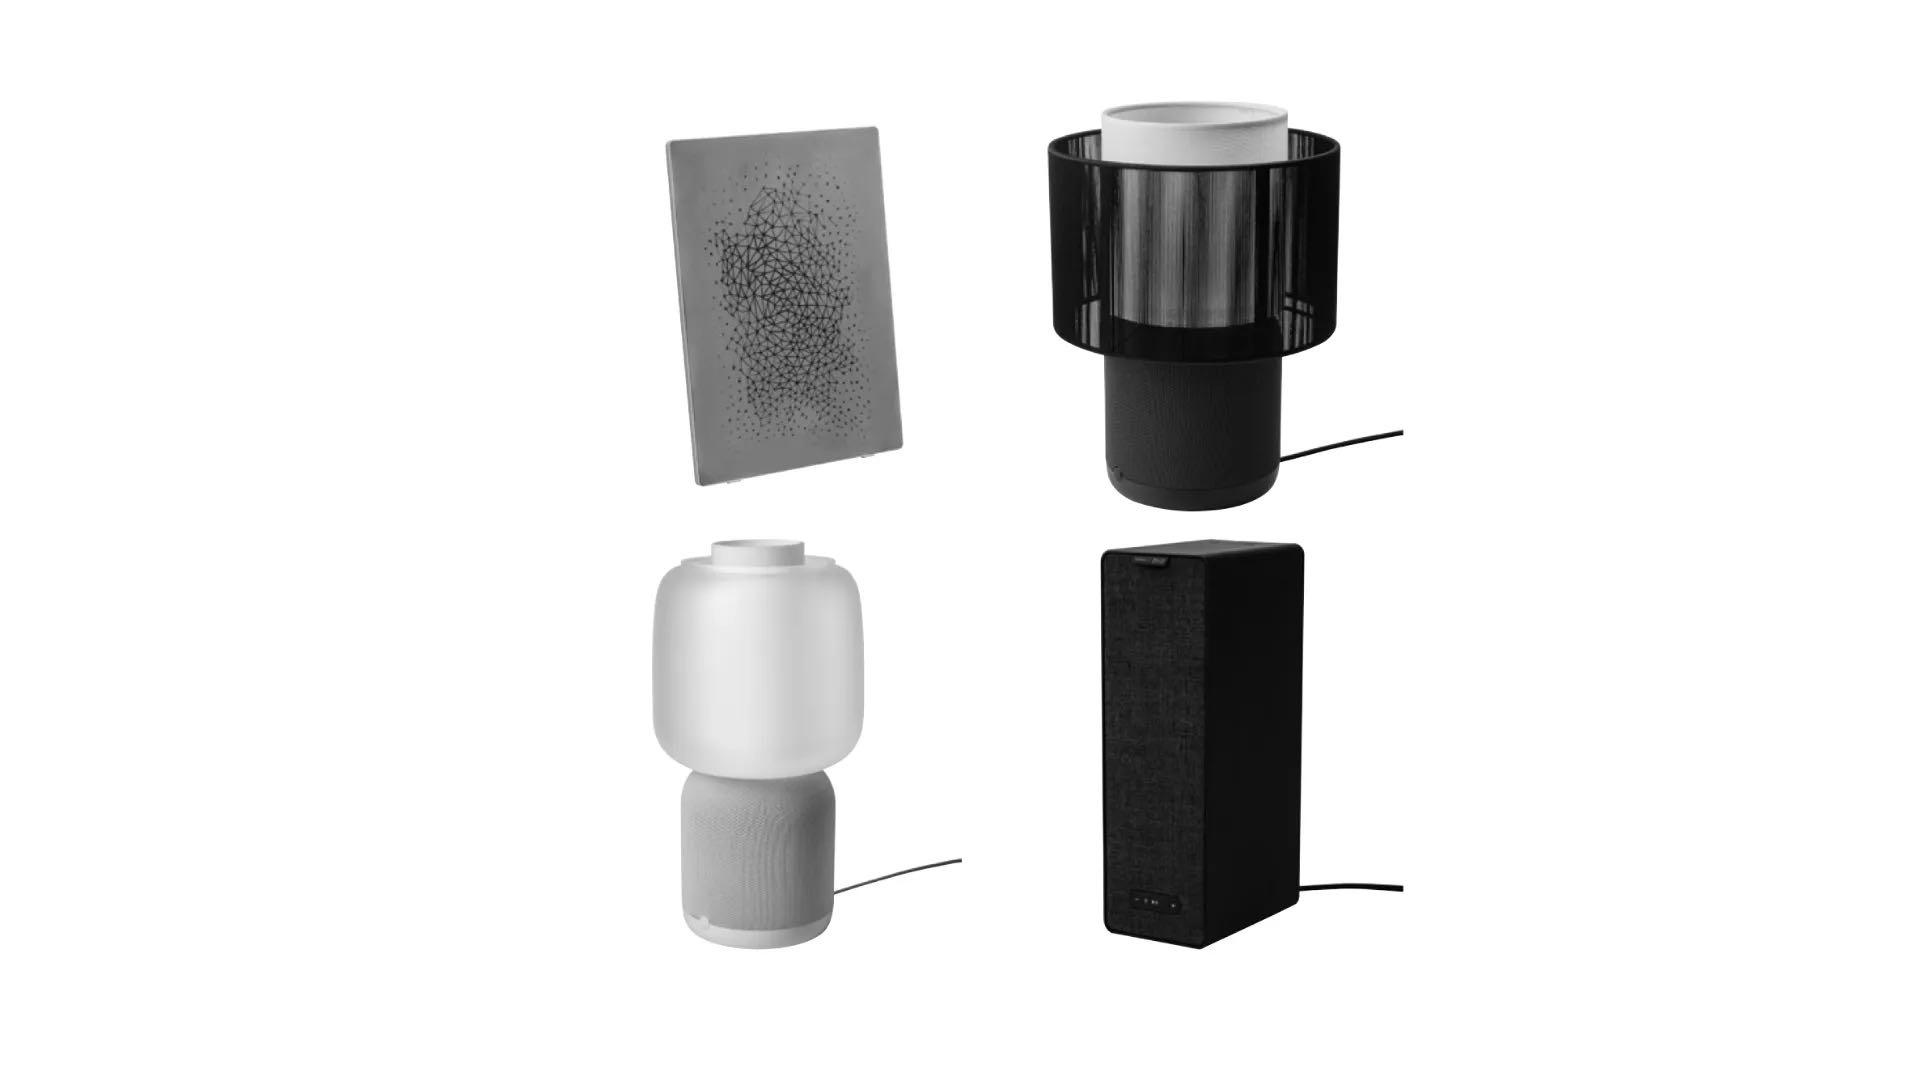 Лампа Symfonisk второго поколения от IKEA и Sonos будет поддерживать AirPlay 2